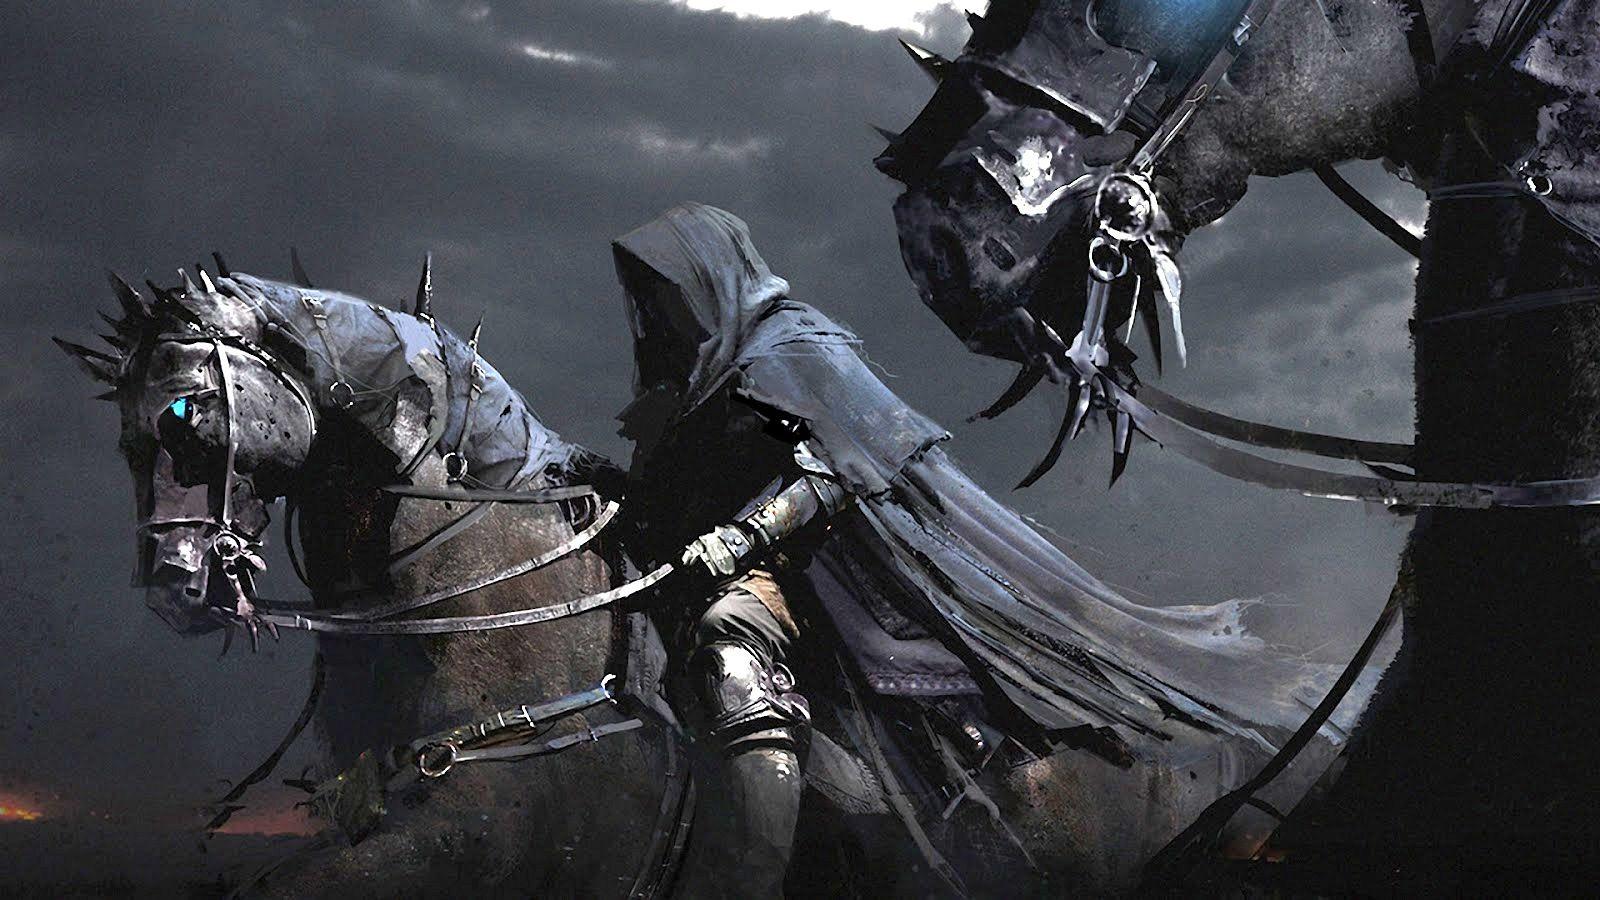 grim reaper's grim reaper's Paarden en Mijn vriend